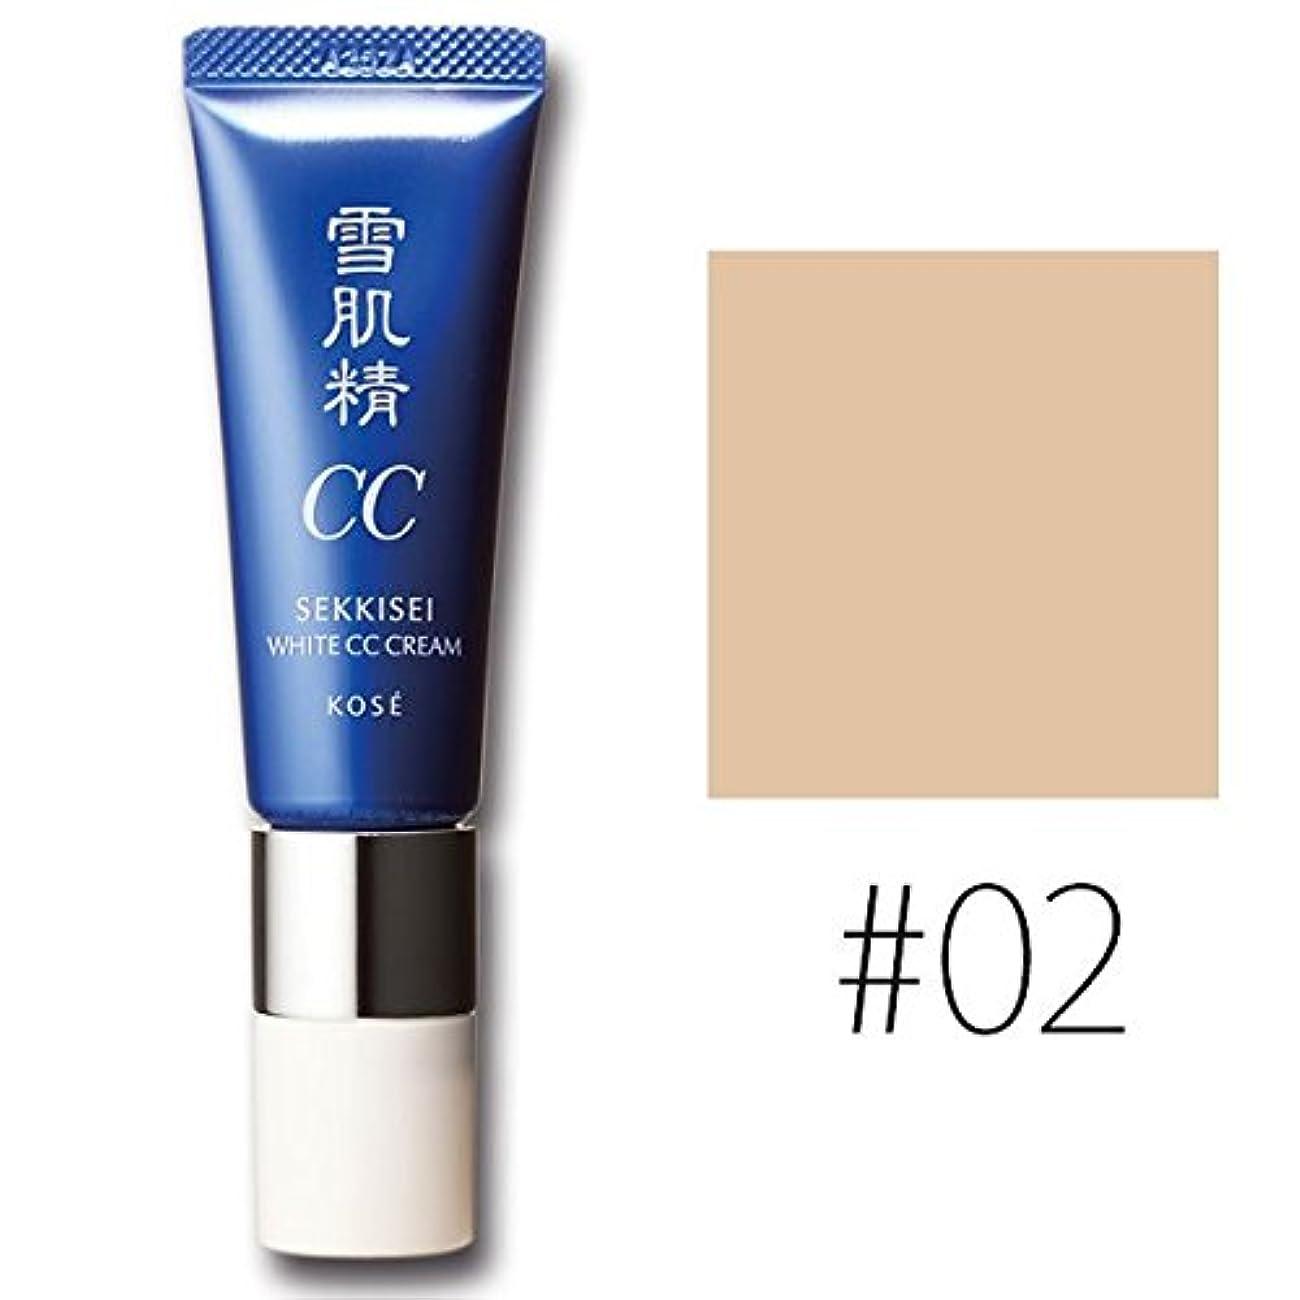 コーセー 雪肌精 ホワイト CCクリーム【#02】 #OCHRE SPF50+/PA++++ 30g